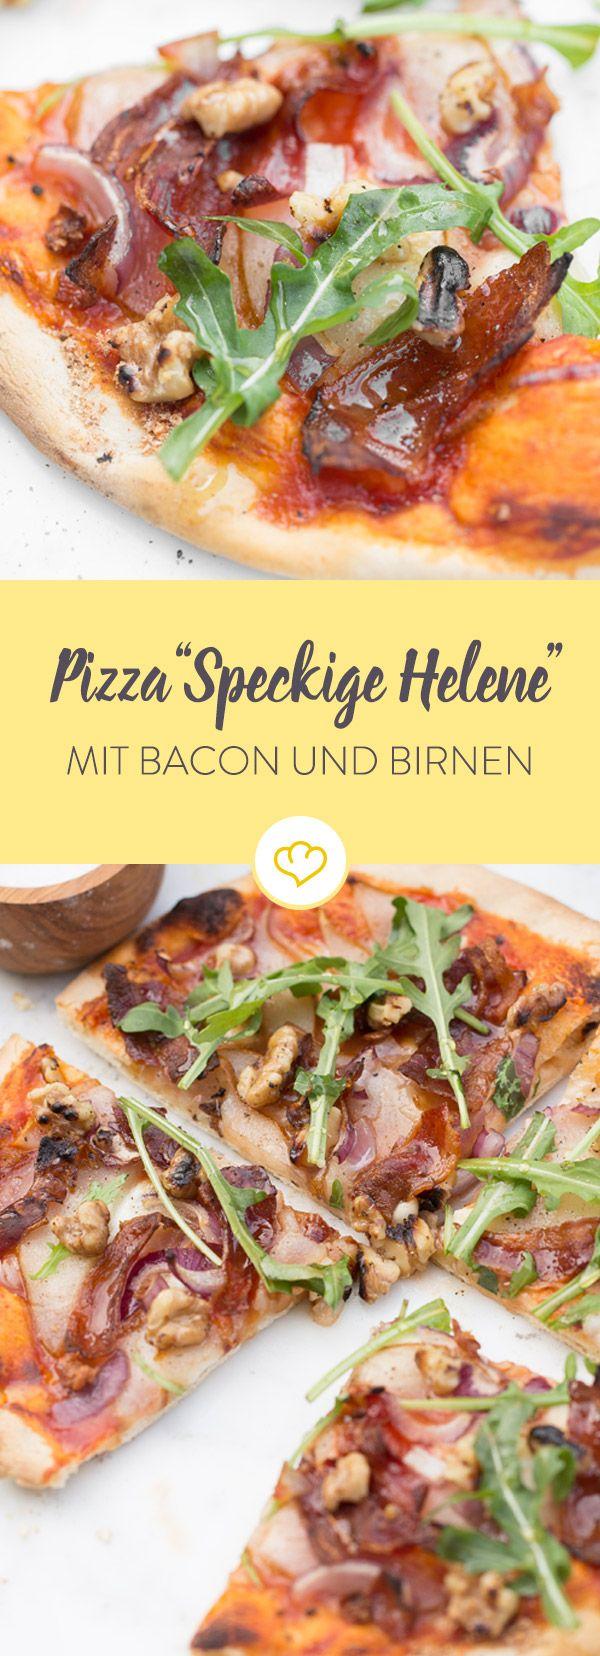 Du hast Lust auf Abwechslung auf deiner Pizza-Party? Dann probiere die Speckige Helene mit Bacon, Birne, Walnüssen und Honig.